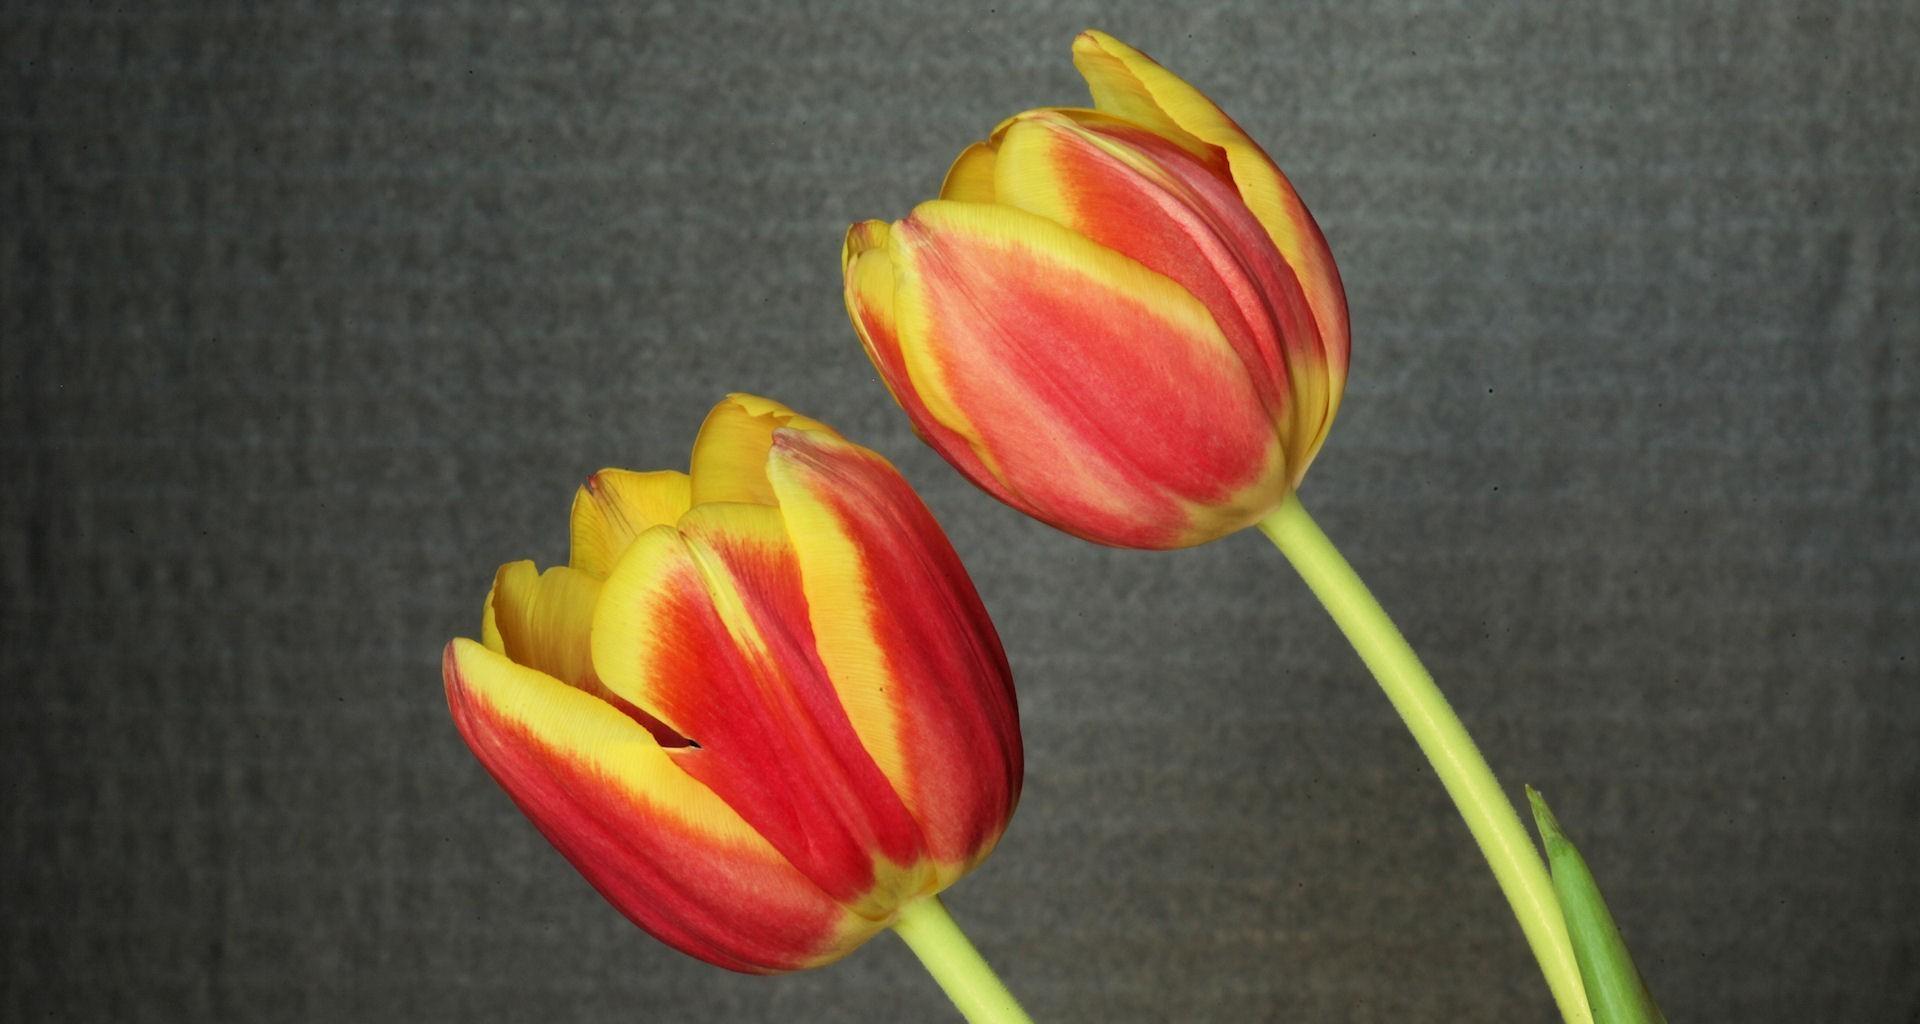 152663 скачать обои Цветы, Пара, Фон, Тюльпаны - заставки и картинки бесплатно